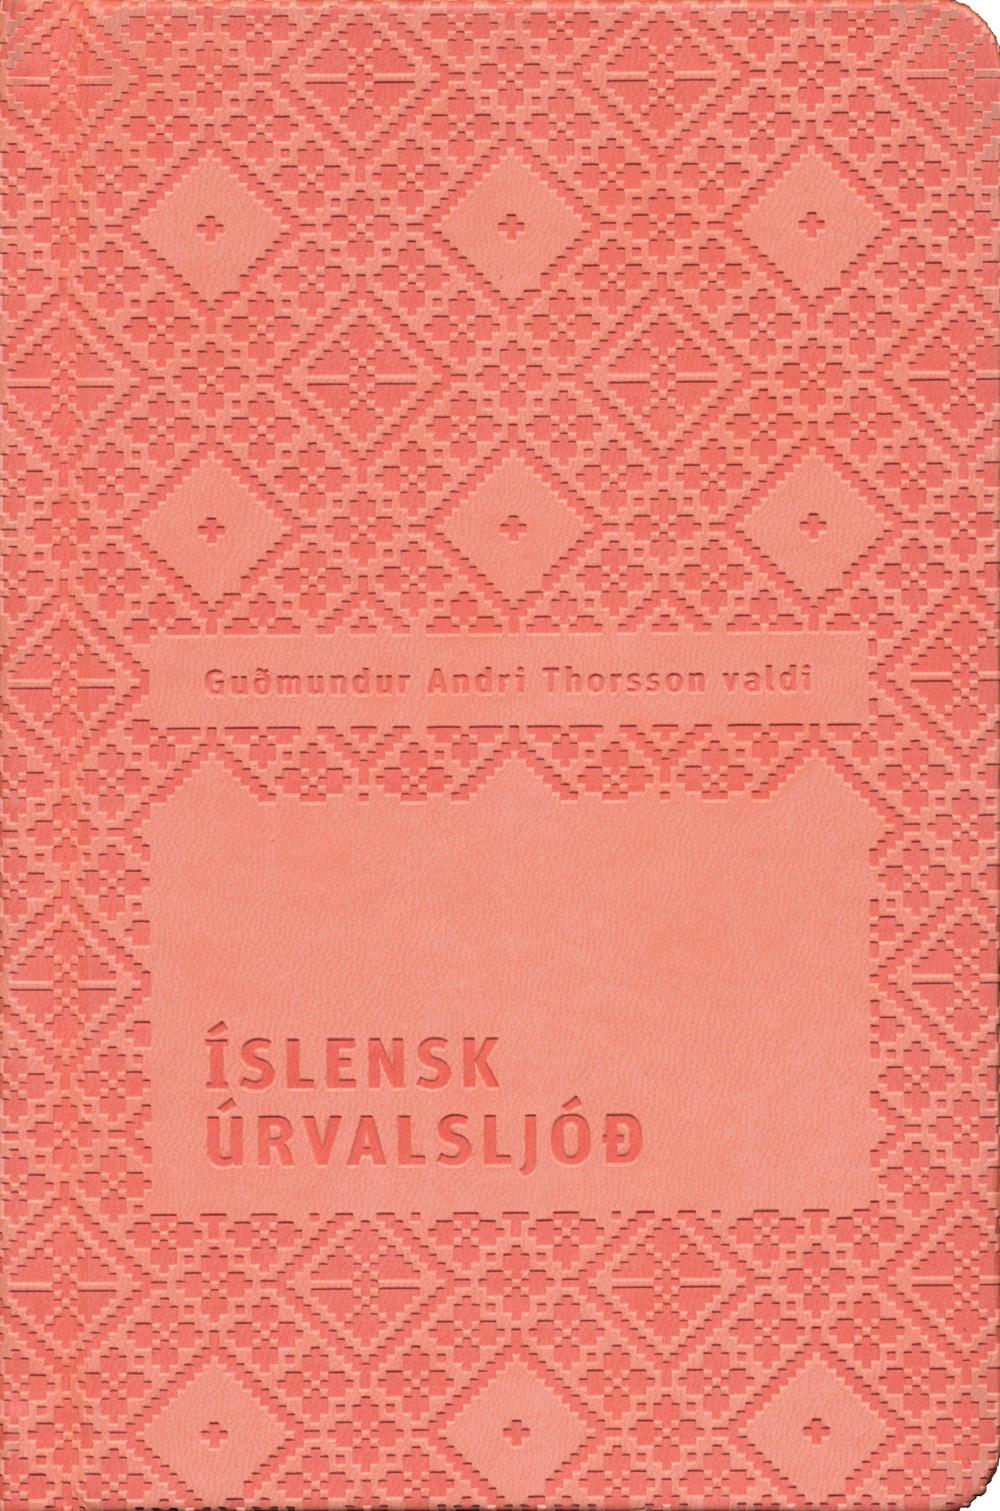 Íslensk úrvalsljóð